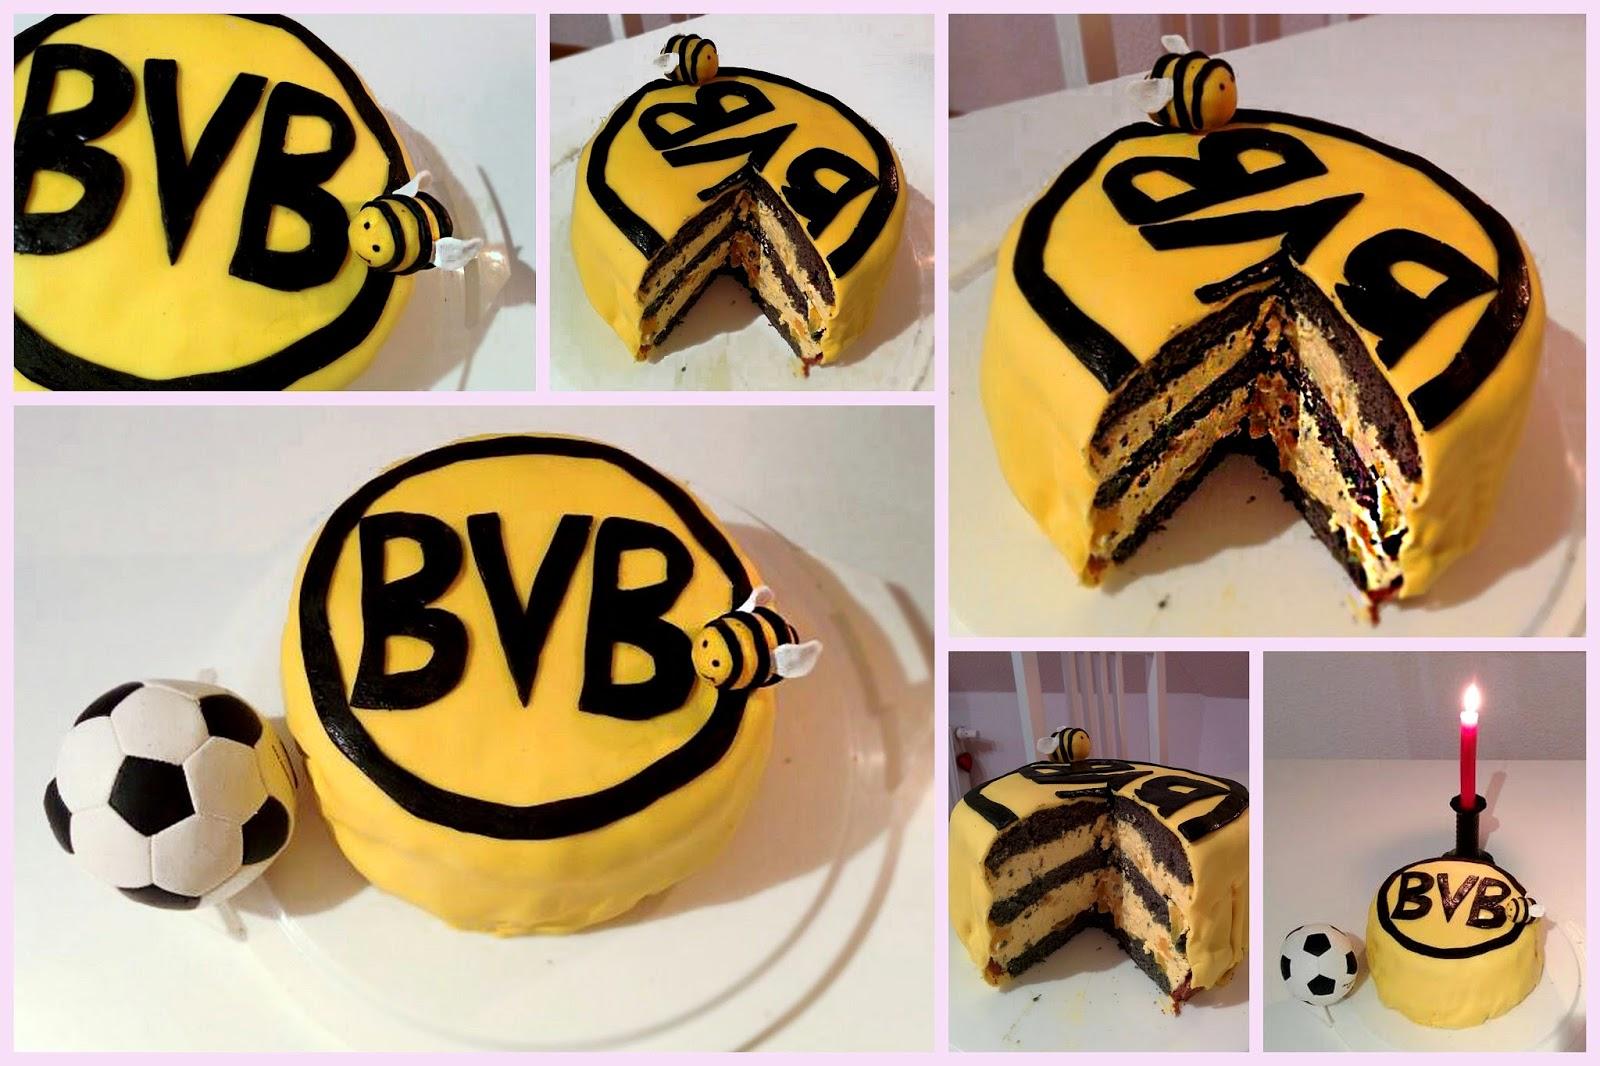 Bvb Geburtstagstorte Bilder